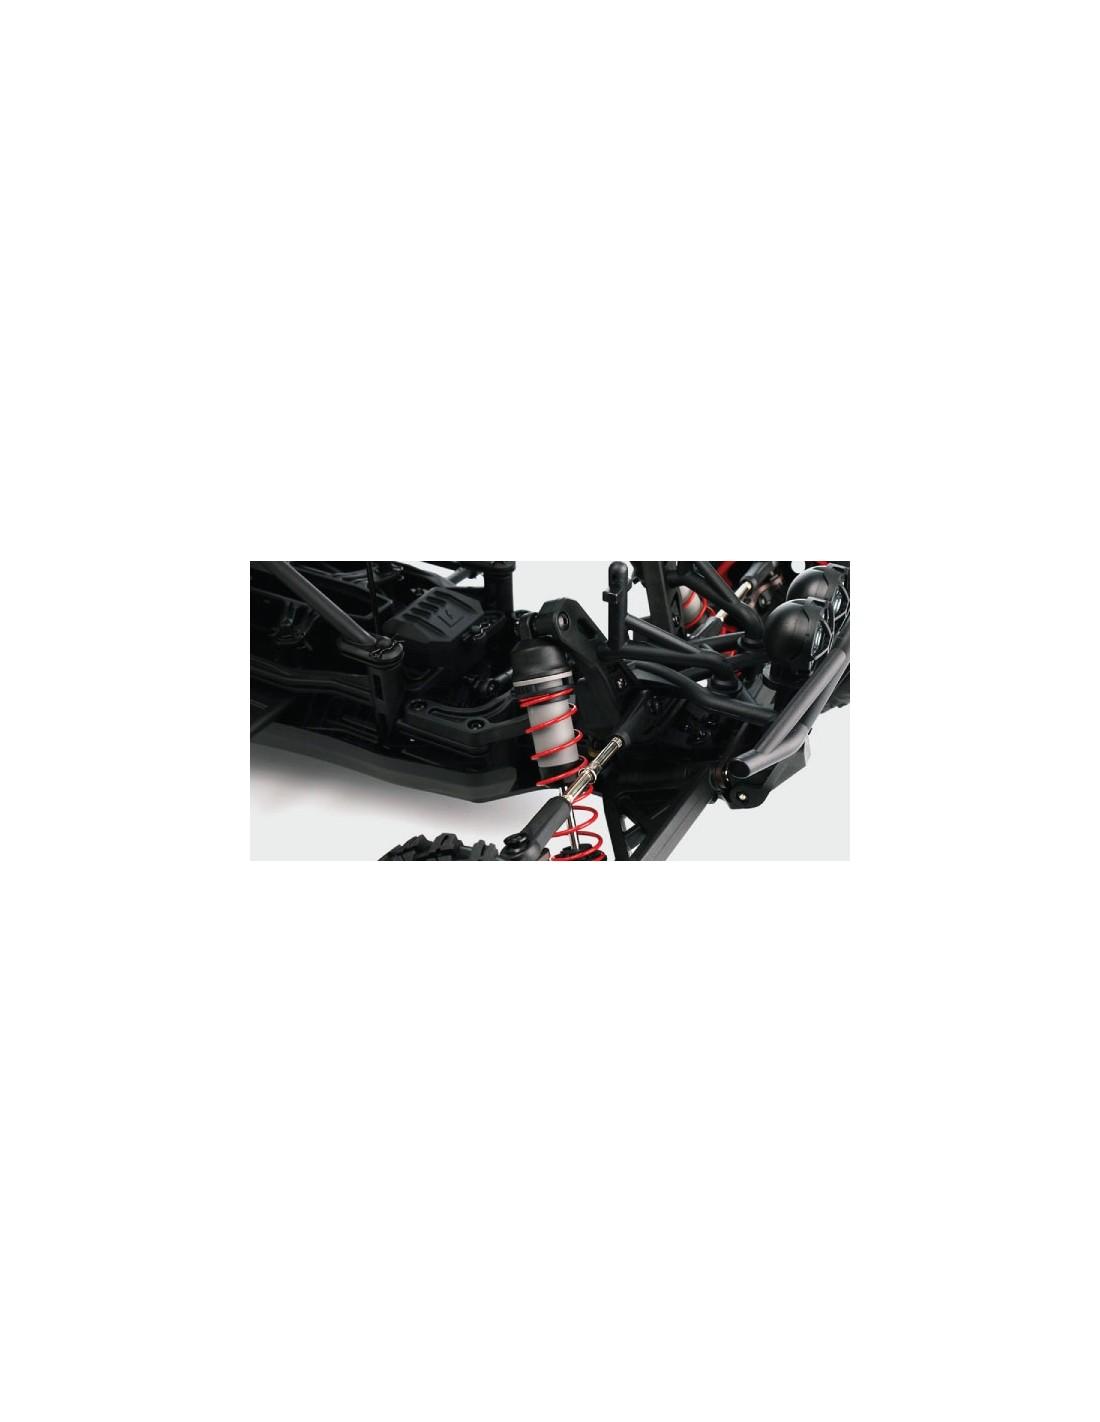 Kyosho Scorpion B-XXL Electric 2WD Buggy - ARTR